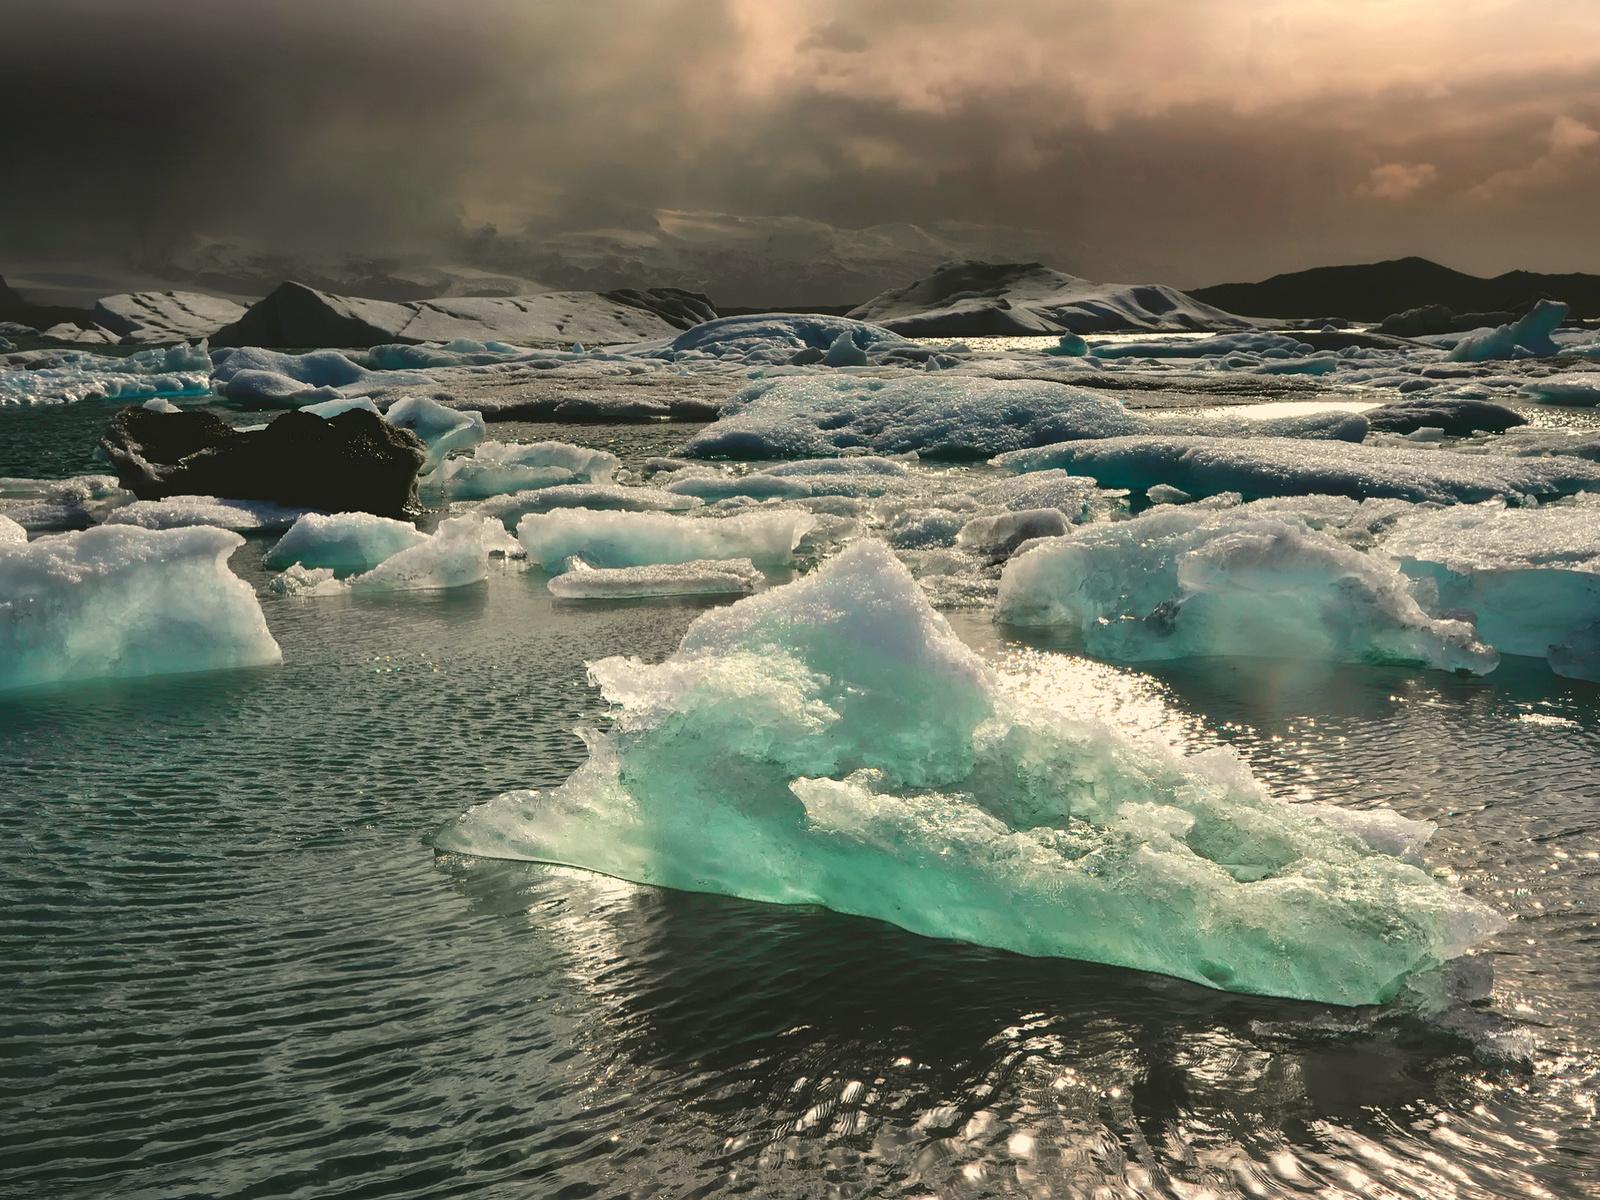 пейзаж, север, льды